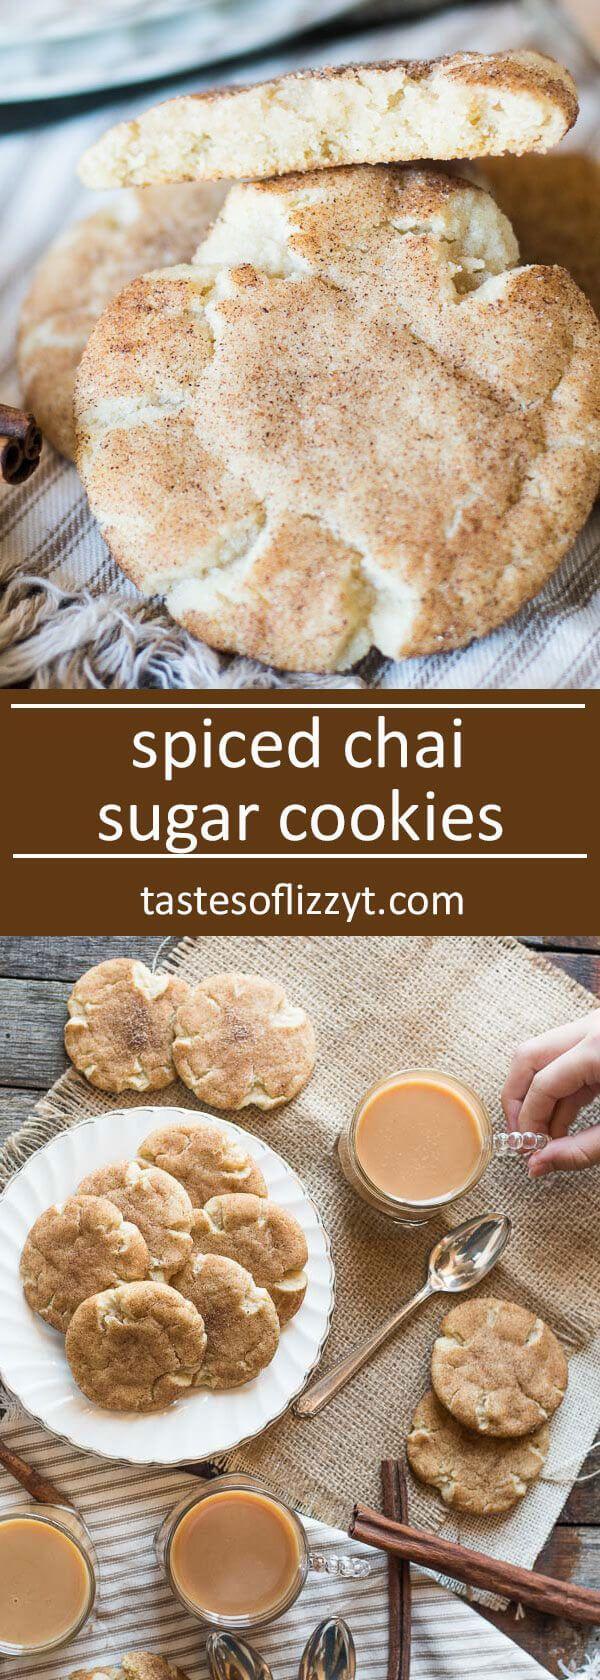 Spiced Chai Sugar Cookies